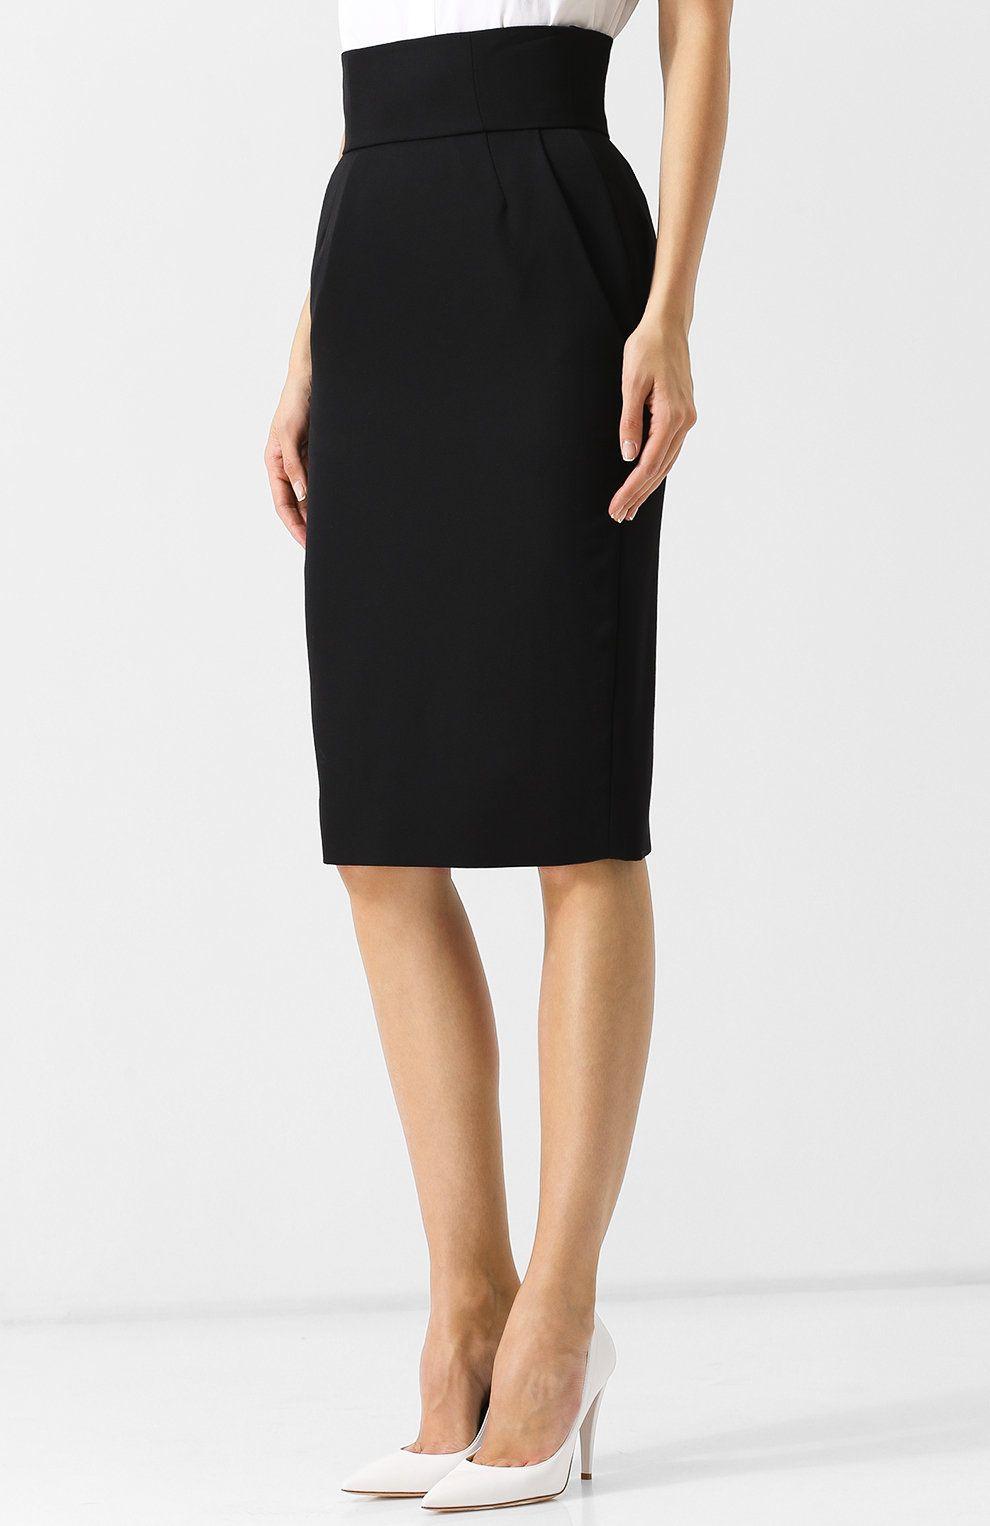 Шерстяная юбка-карандаш с завышенной талией в 2020 г ...